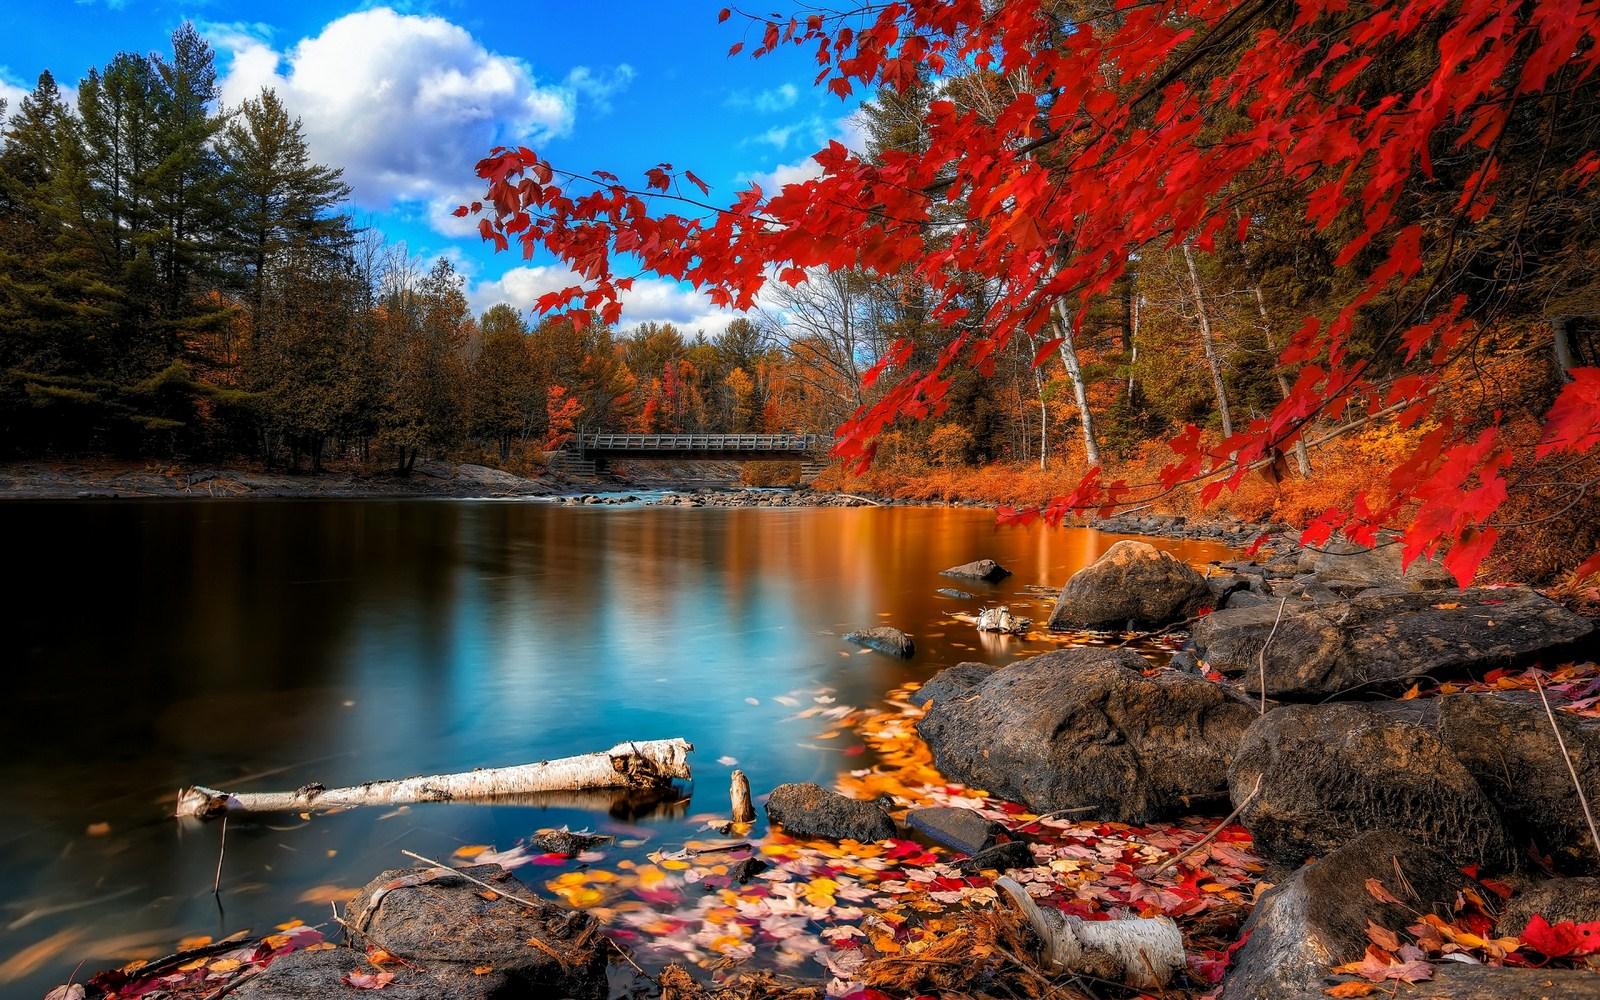 بالصور خلفيات طبيعة , اجمل صور لخلفيات طبيعية 5795 9